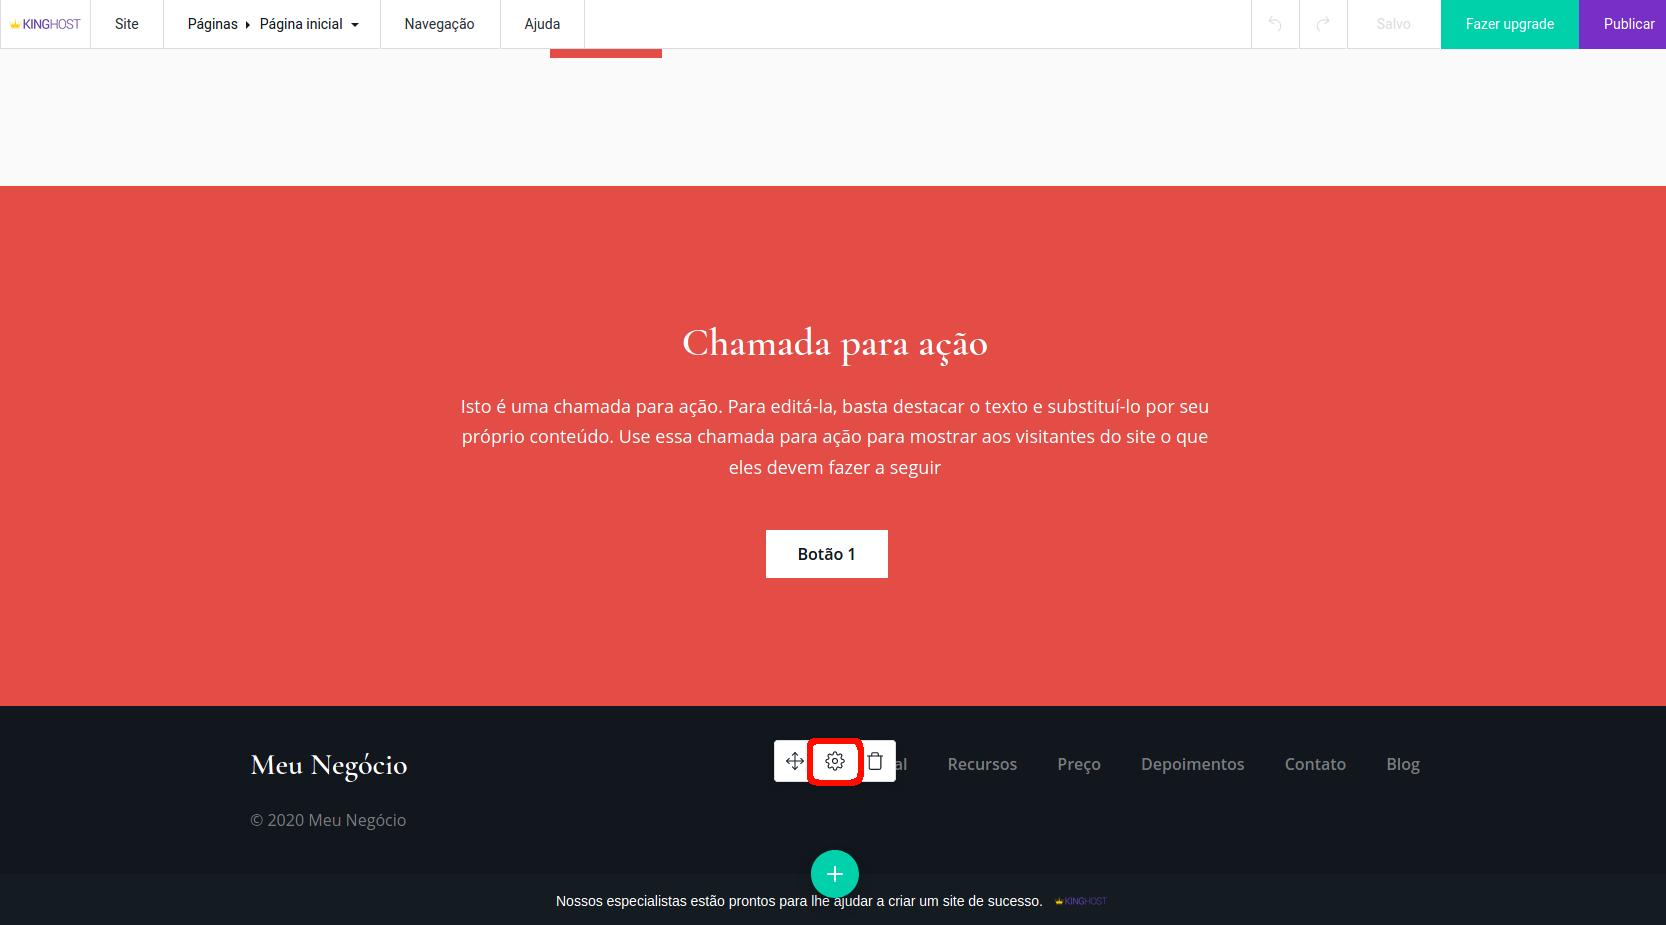 Criador de sites, alterando configurações e dados comerciais.